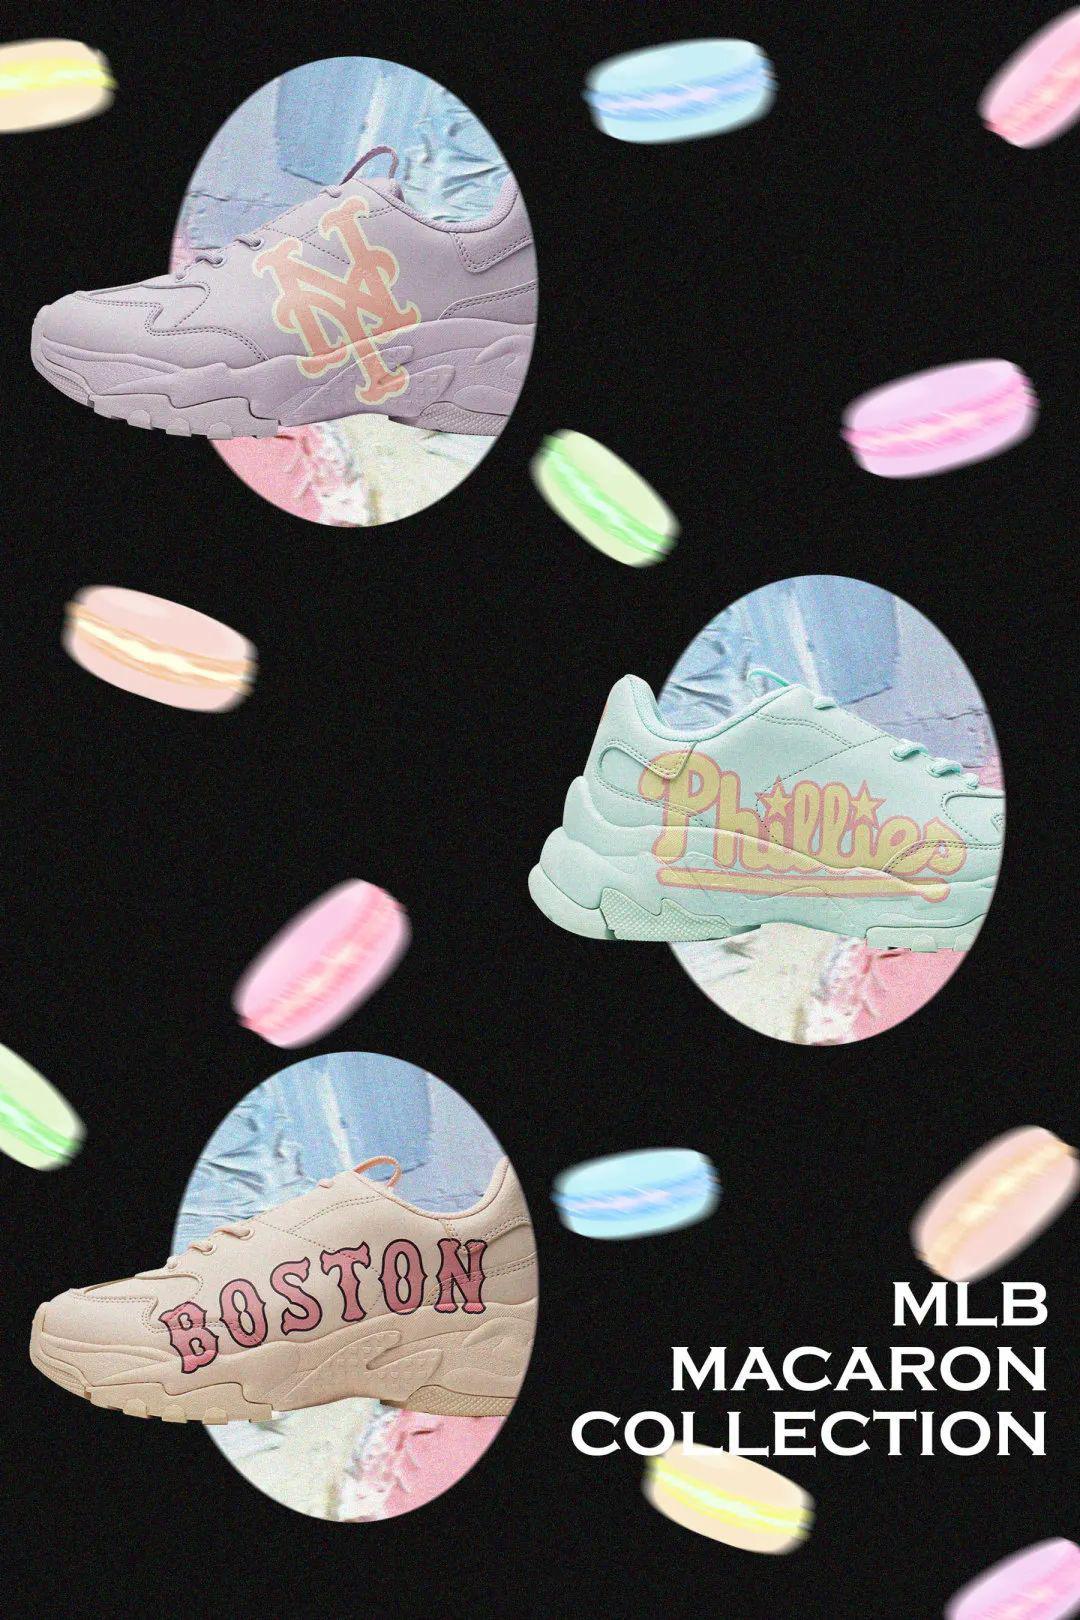 免费获得一双 MLB MACARON 系列老爹鞋